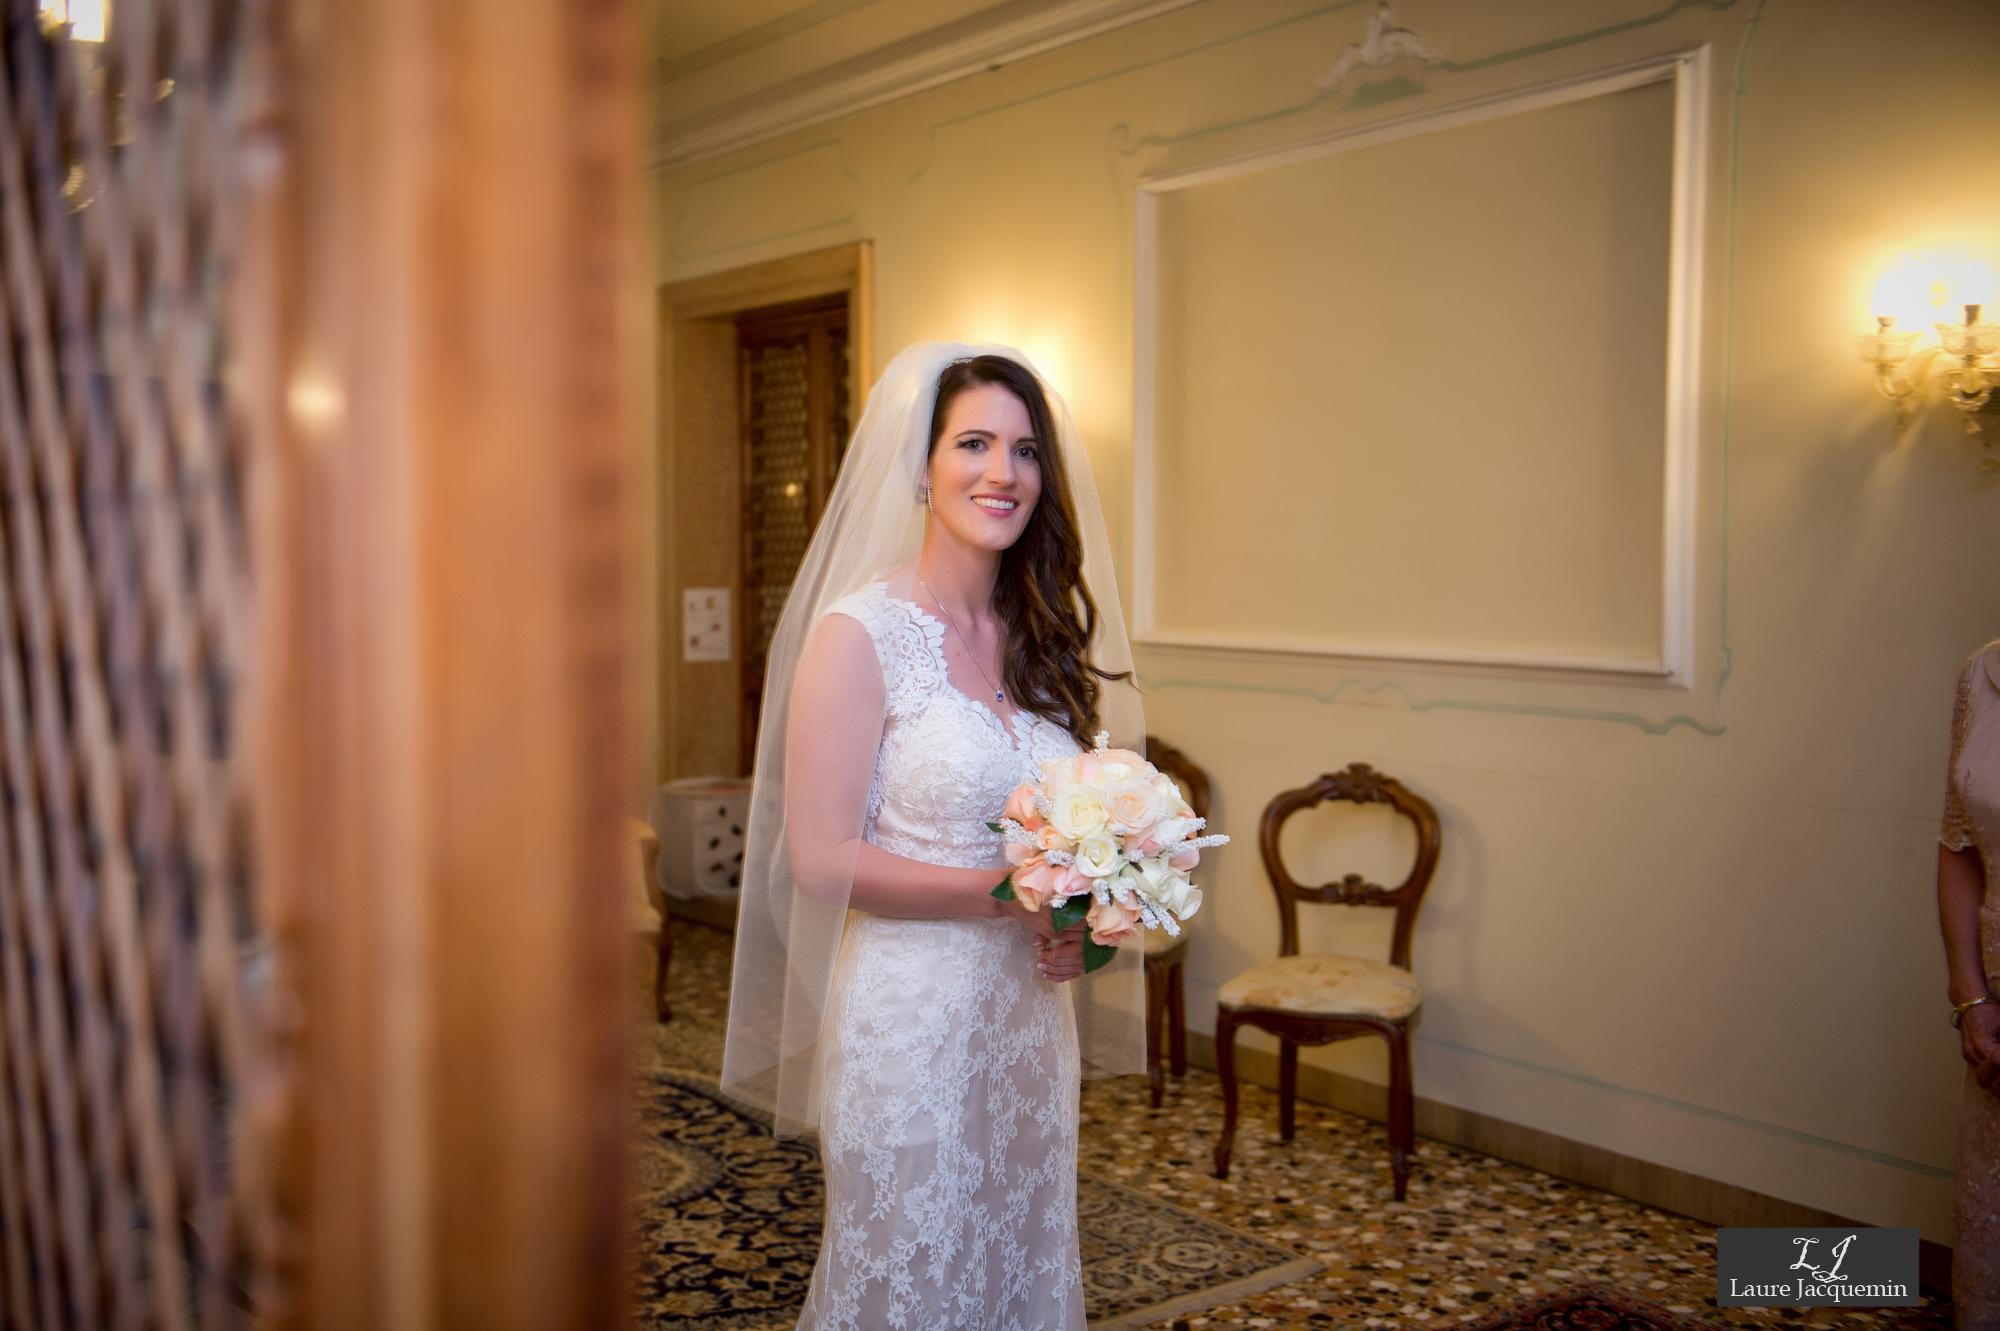 photographe mariage laure jacquemin palazzo cavalli service photographique (10)